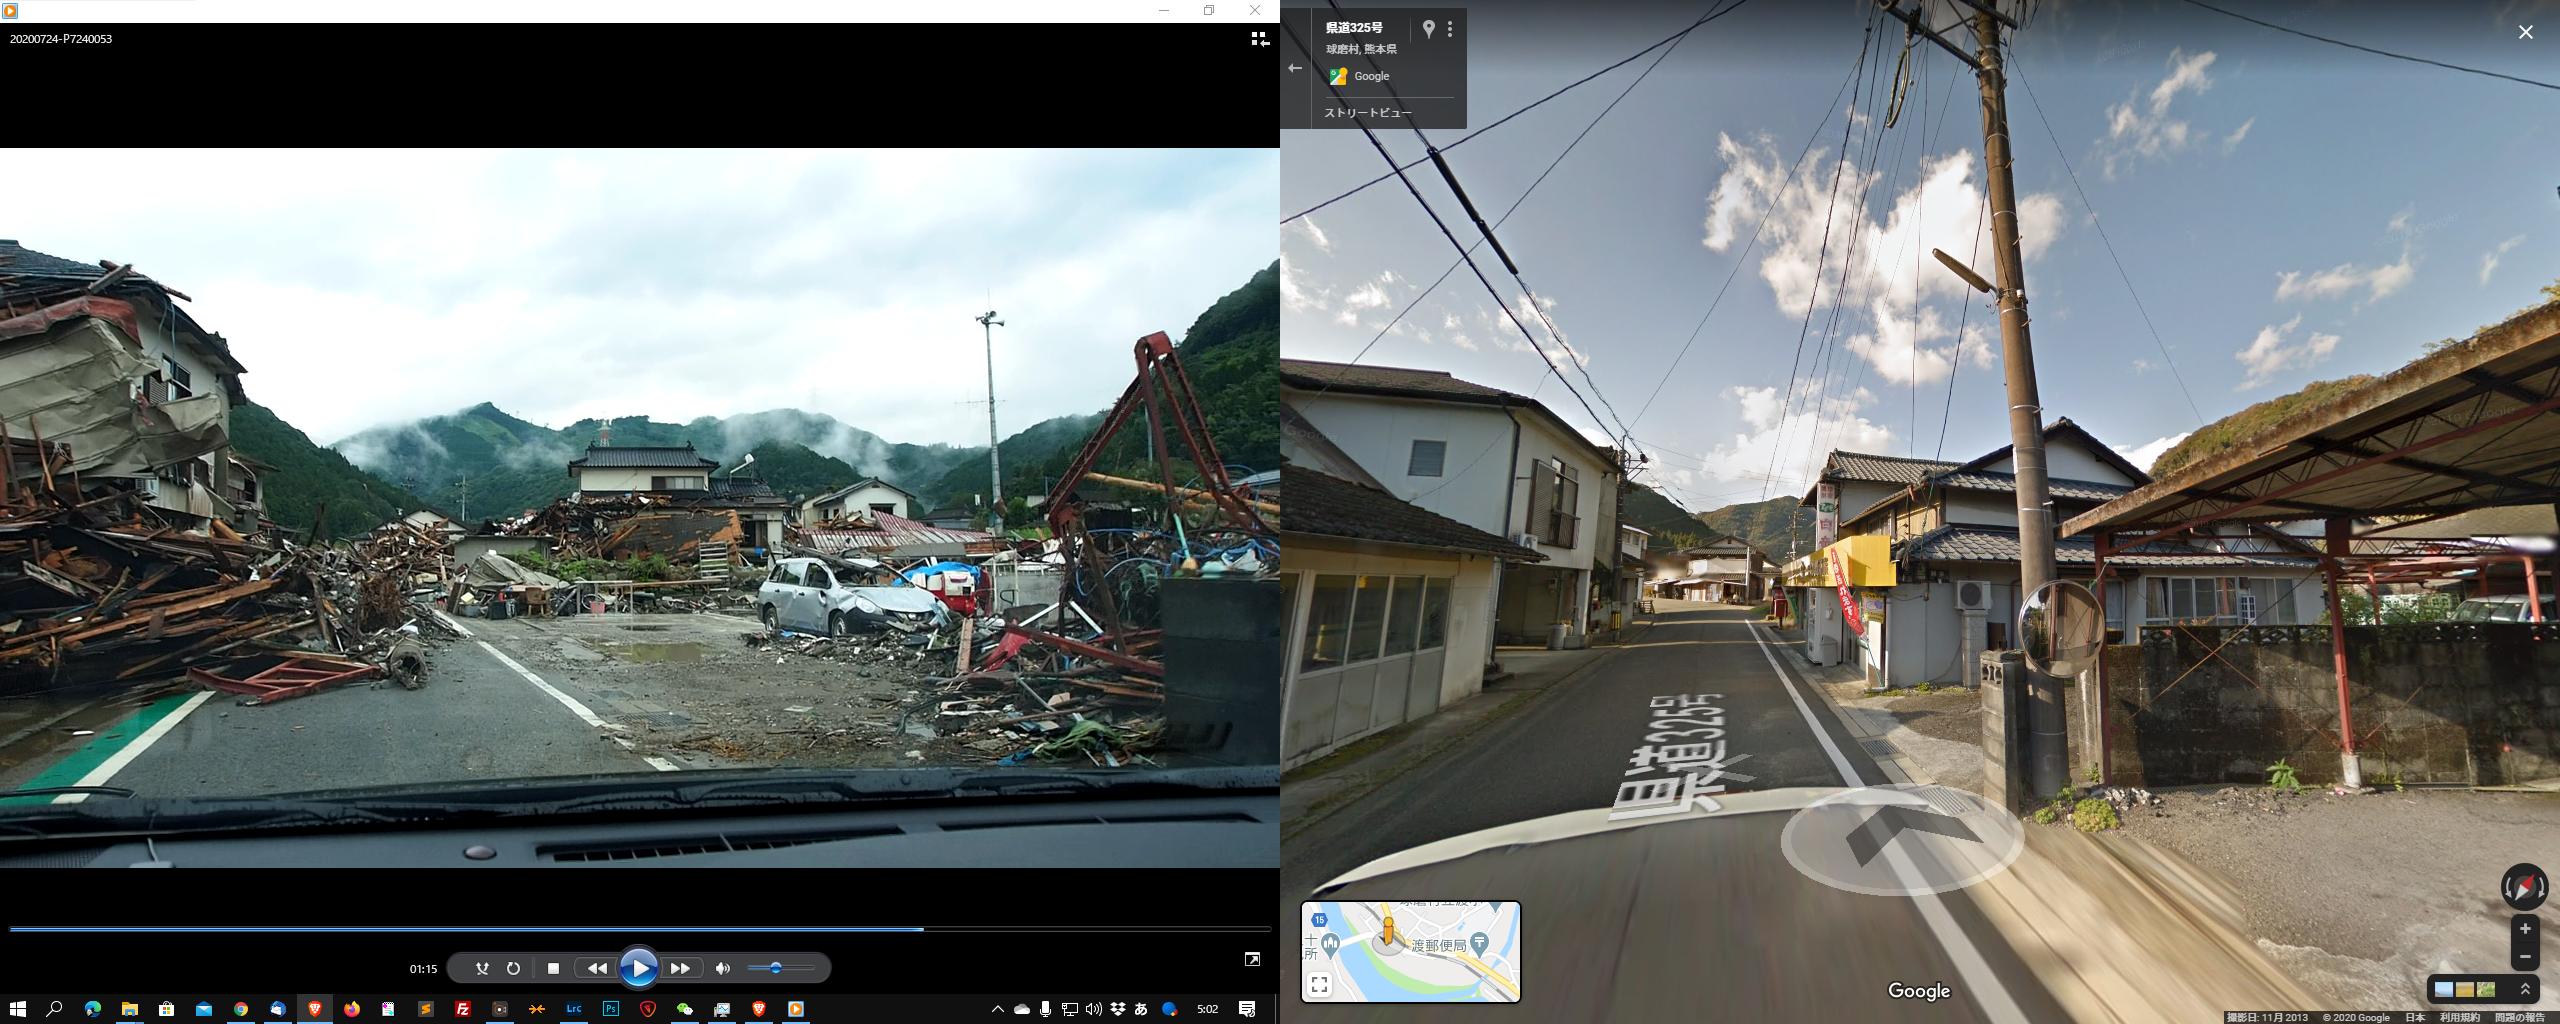 球磨郡球磨村渡地区の被災状況